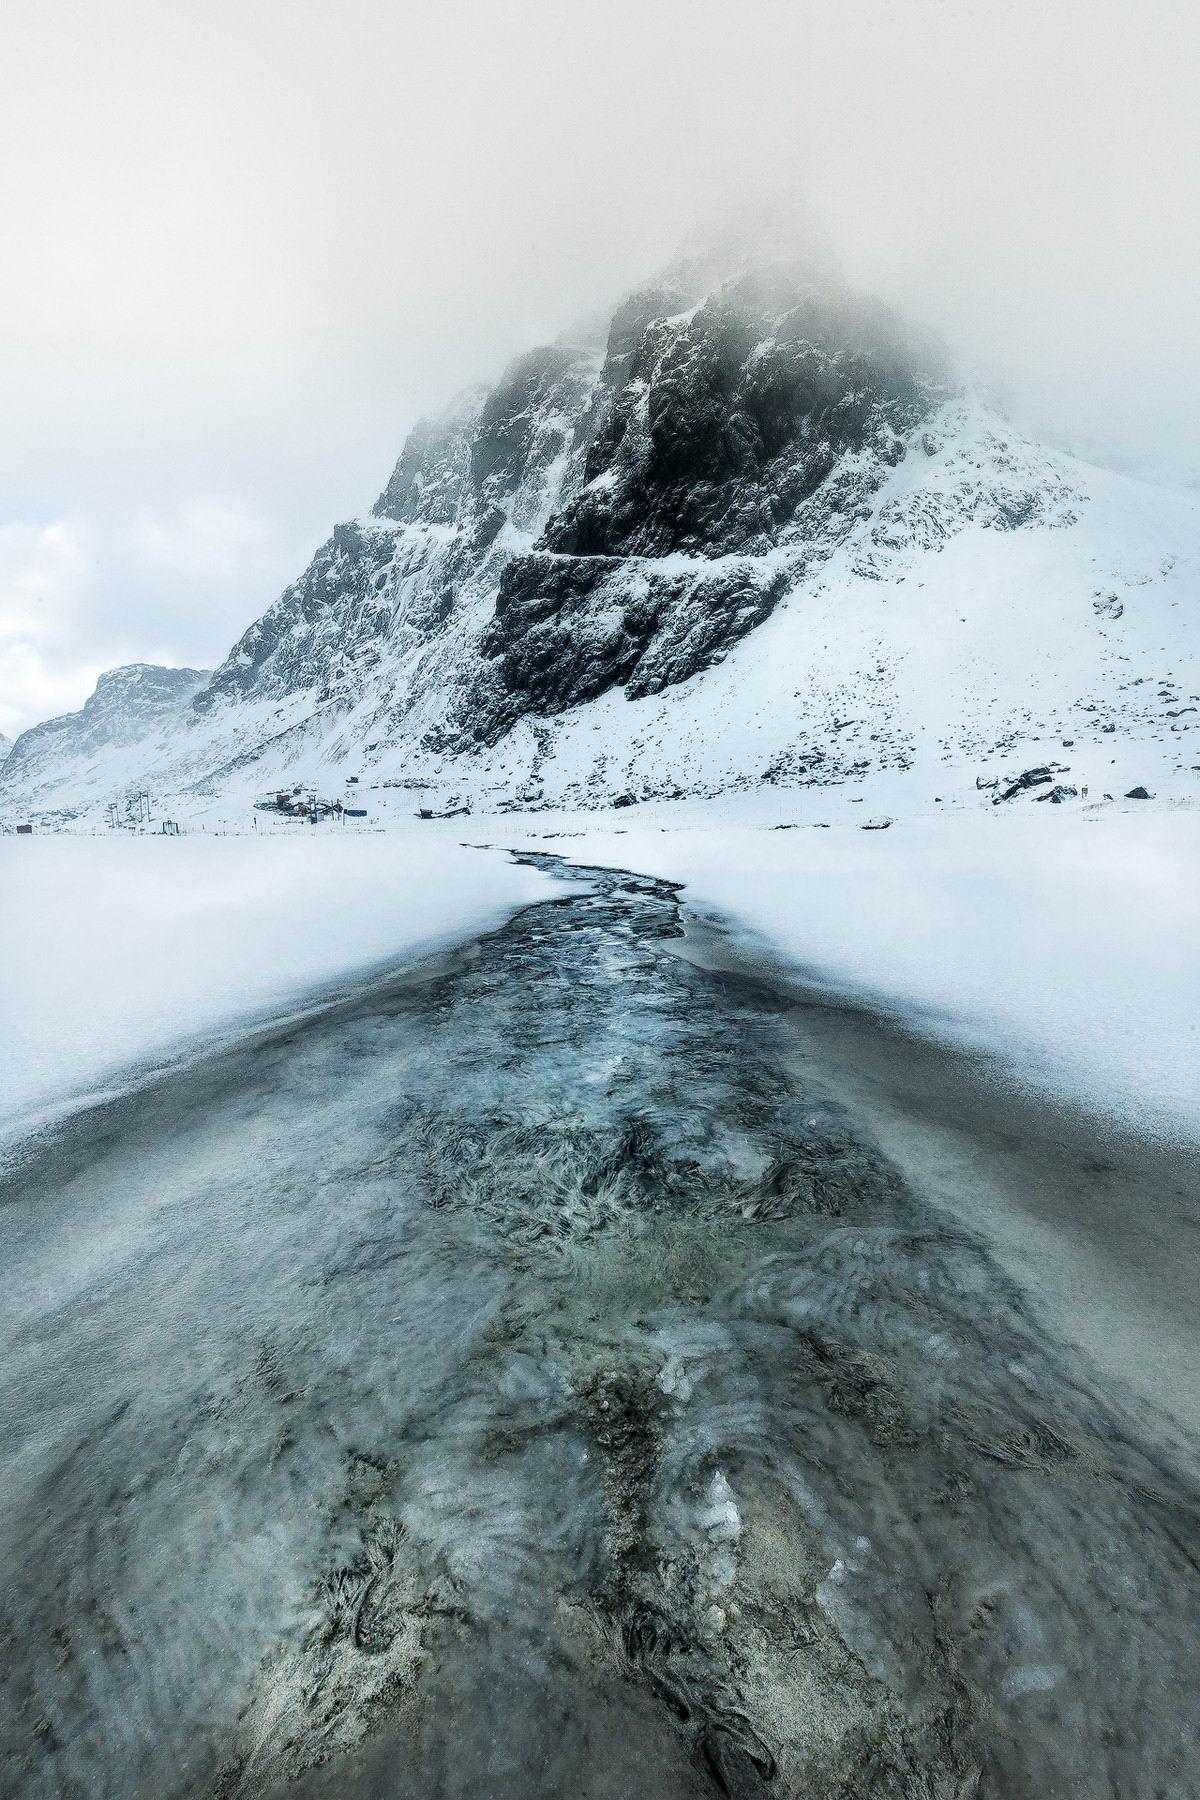 Норвегия на снимках Кима Дженссена (25 фото)